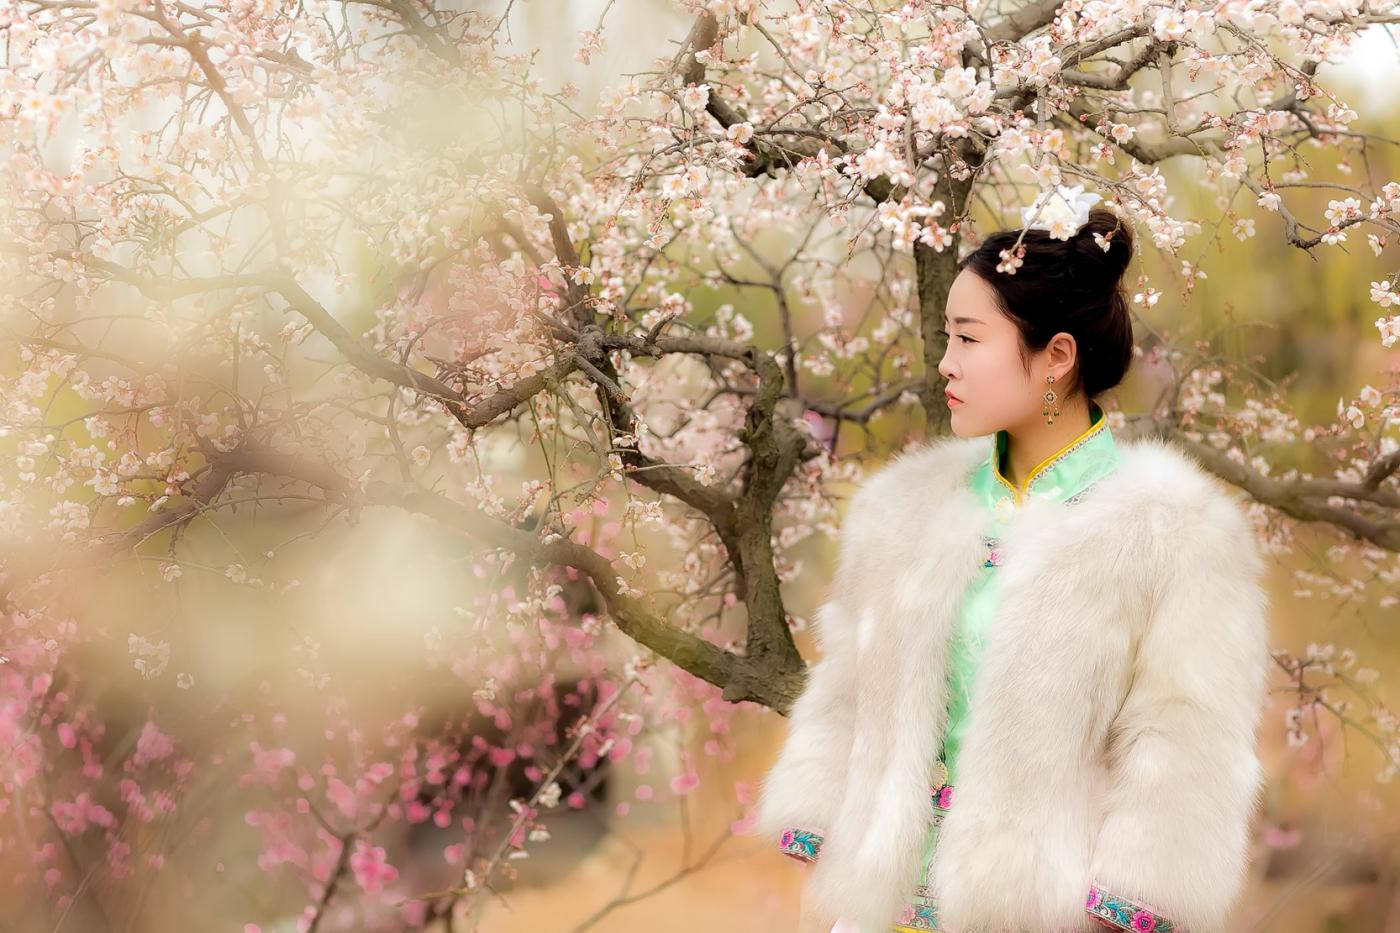 沂水雪山梅园走来一群赏梅踏春的沂蒙女孩 摄影人和女孩们成为梅园一道亮丽的风景线 ..._图1-2